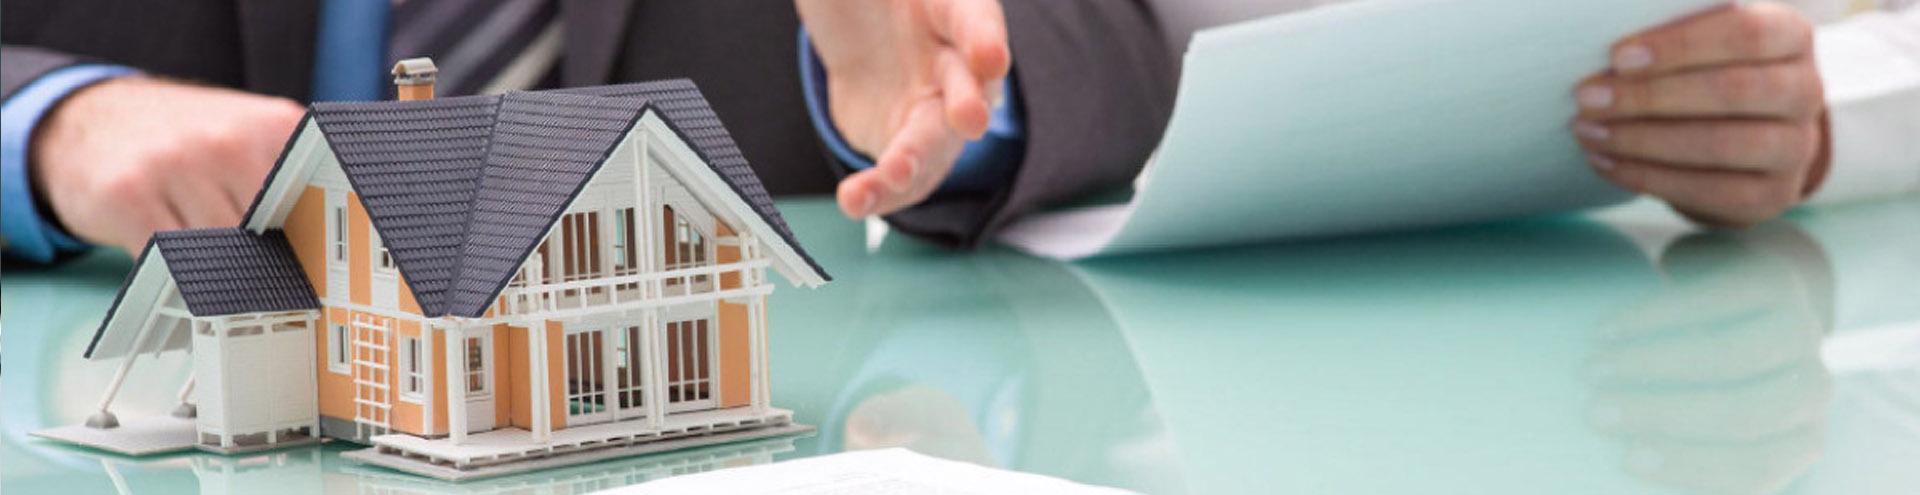 услуги юриста по недвижимости в Оренбурге